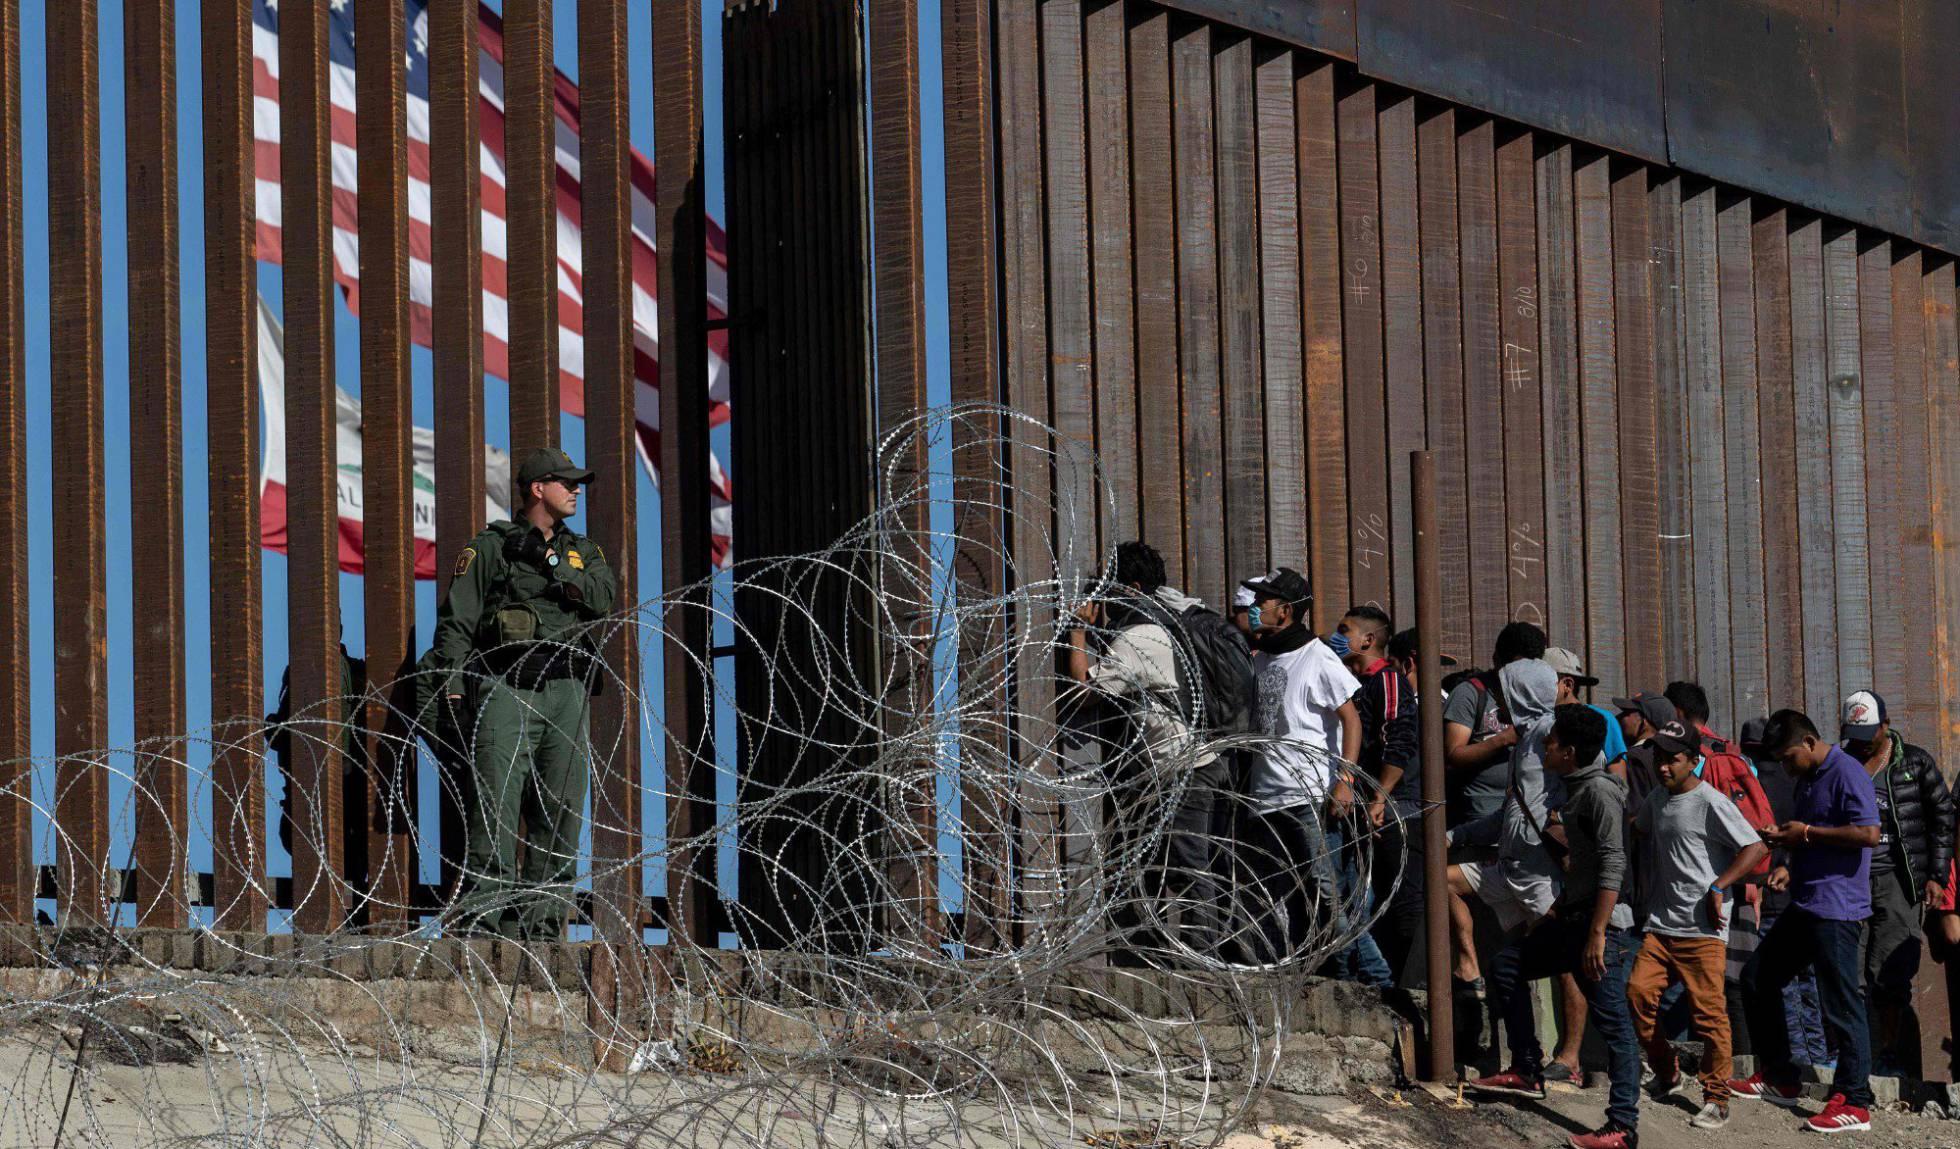 La ONU reprueba la política migratoria de México y Estados Unidos |  Internacional | EL PAÍS